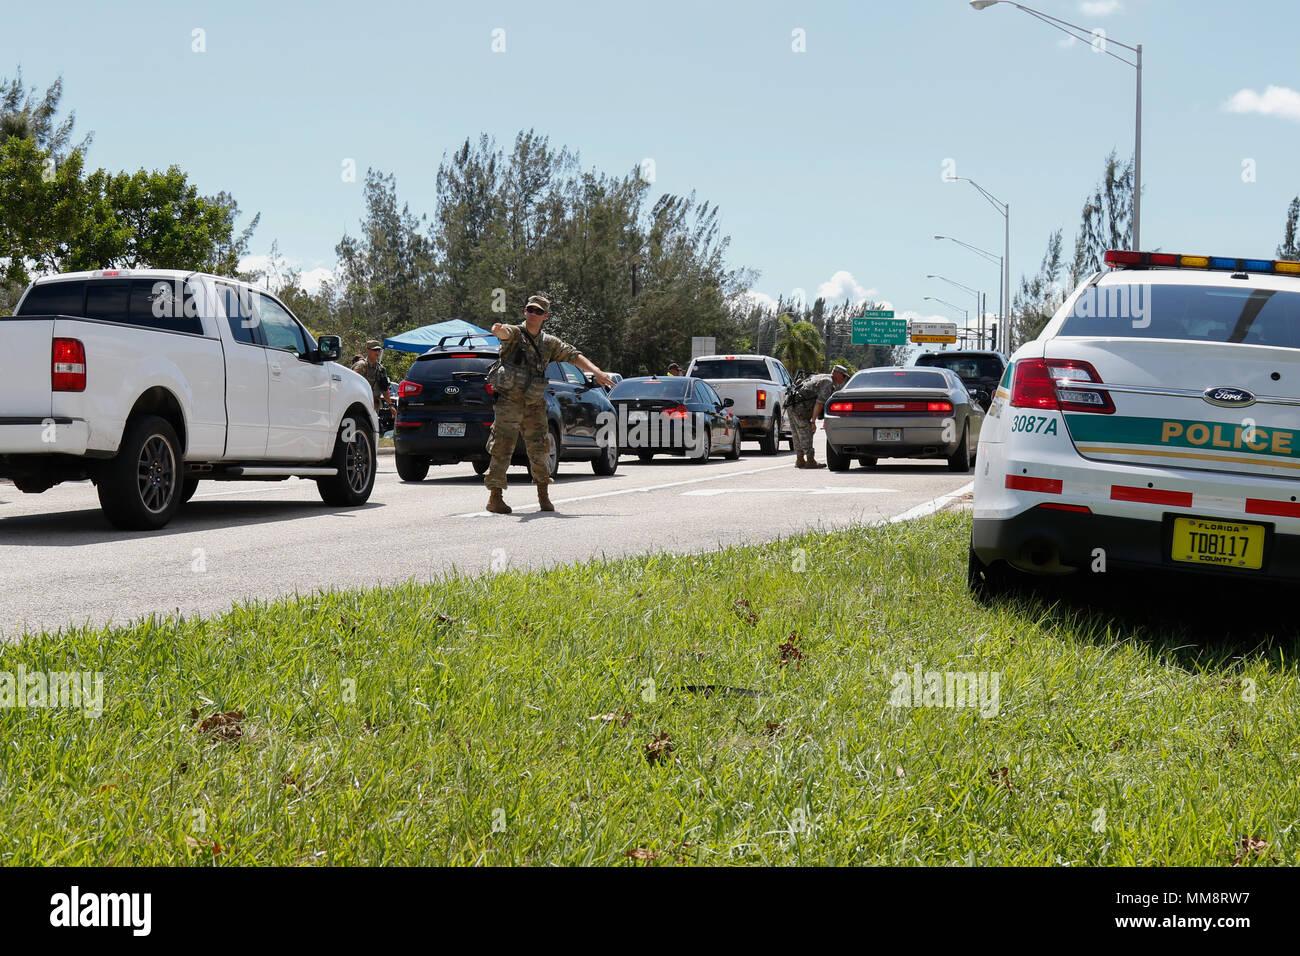 Florida Highway Patrol Imágenes De Stock & Florida Highway Patrol ...